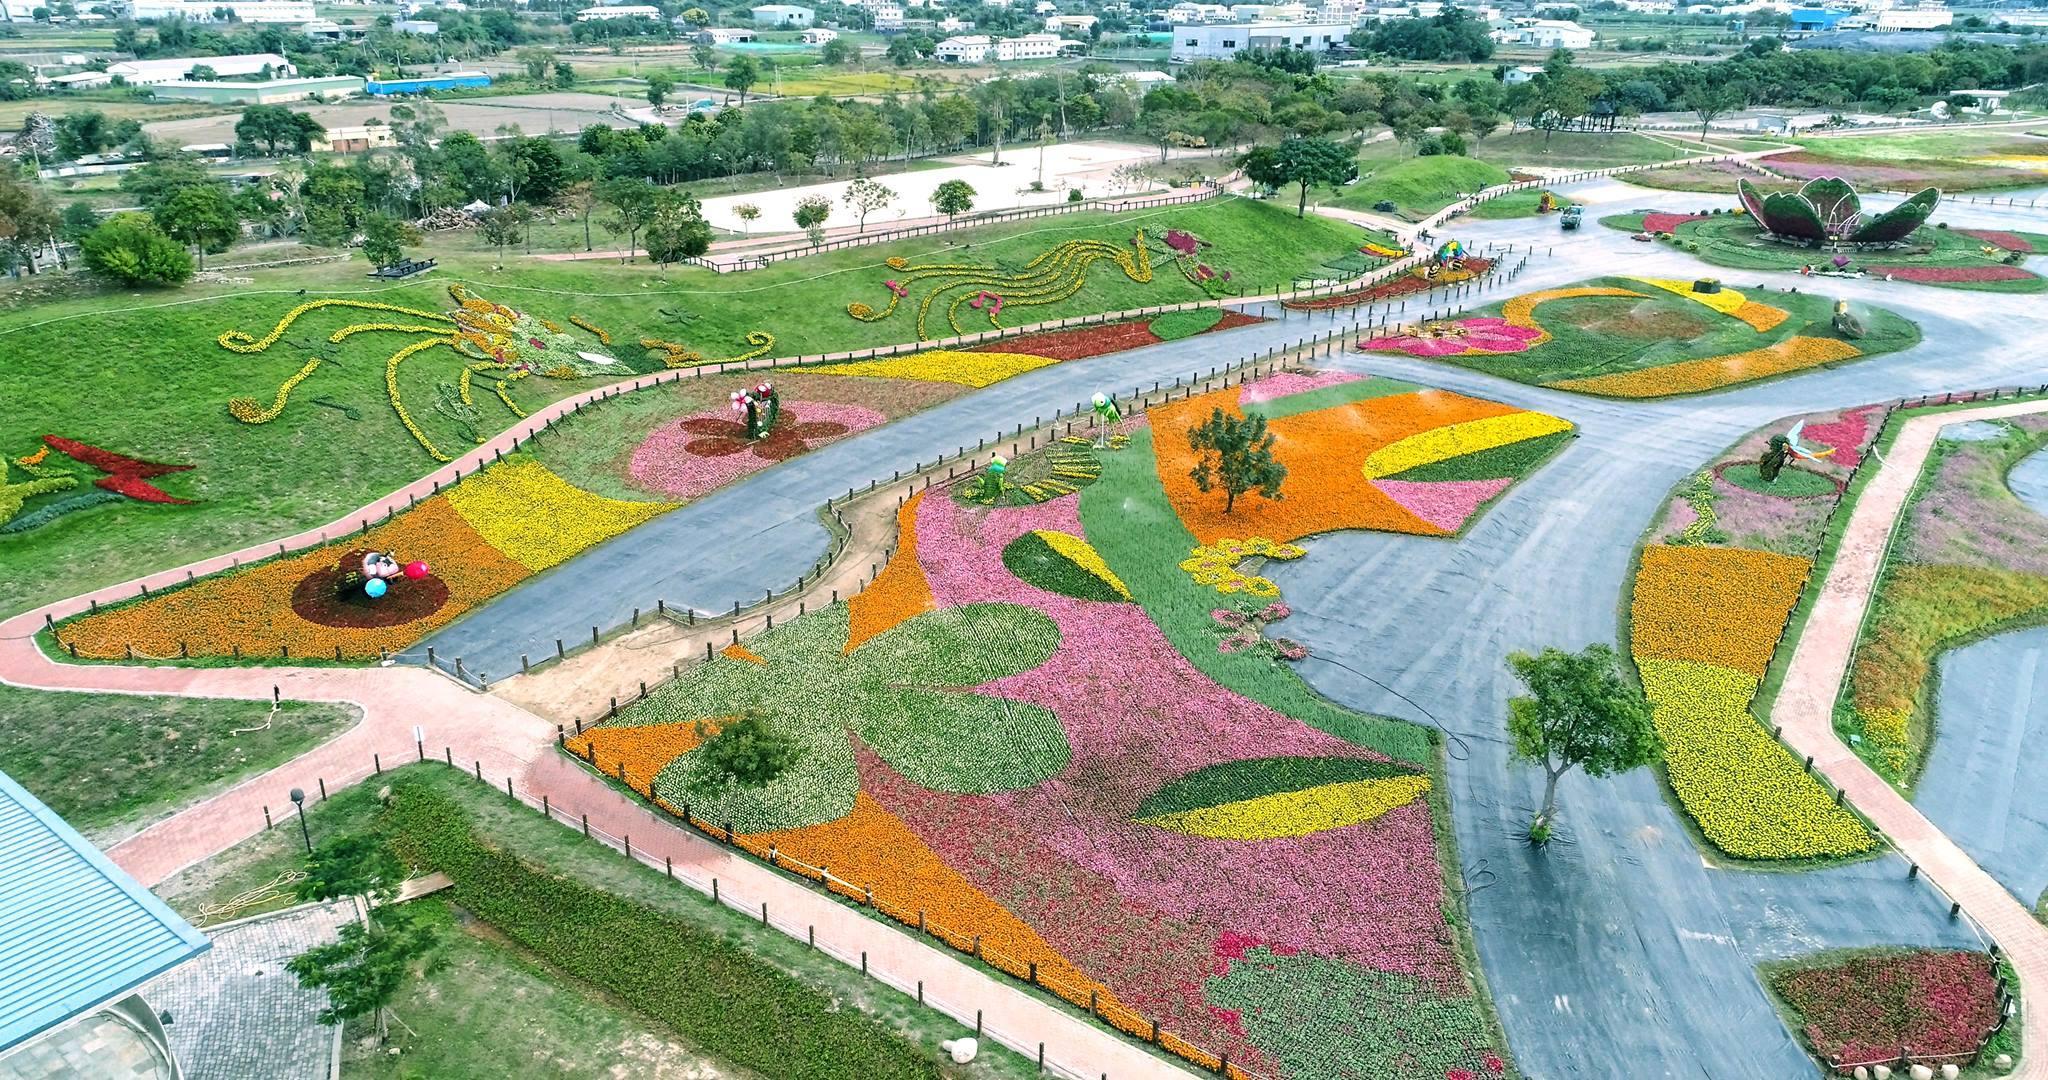 2017花毯節資料照(圖片來源:台中觀光旅遊網)